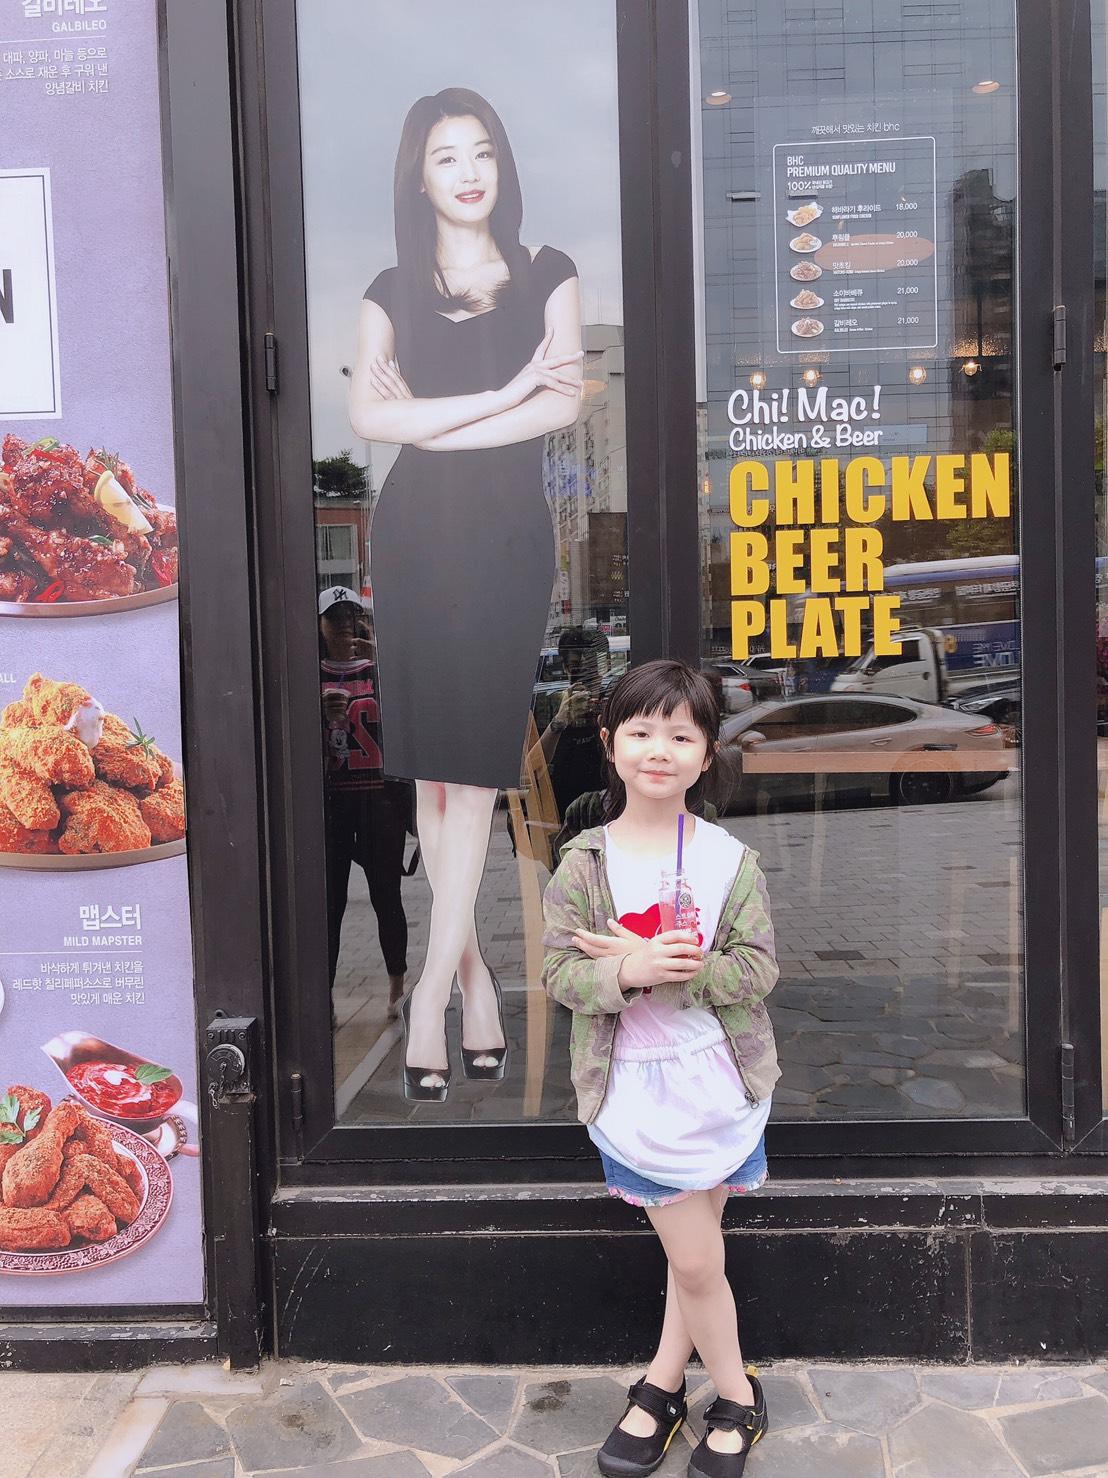 ▲妮妮這趟韓國旅程適應力很好,變得很勇敢發問。